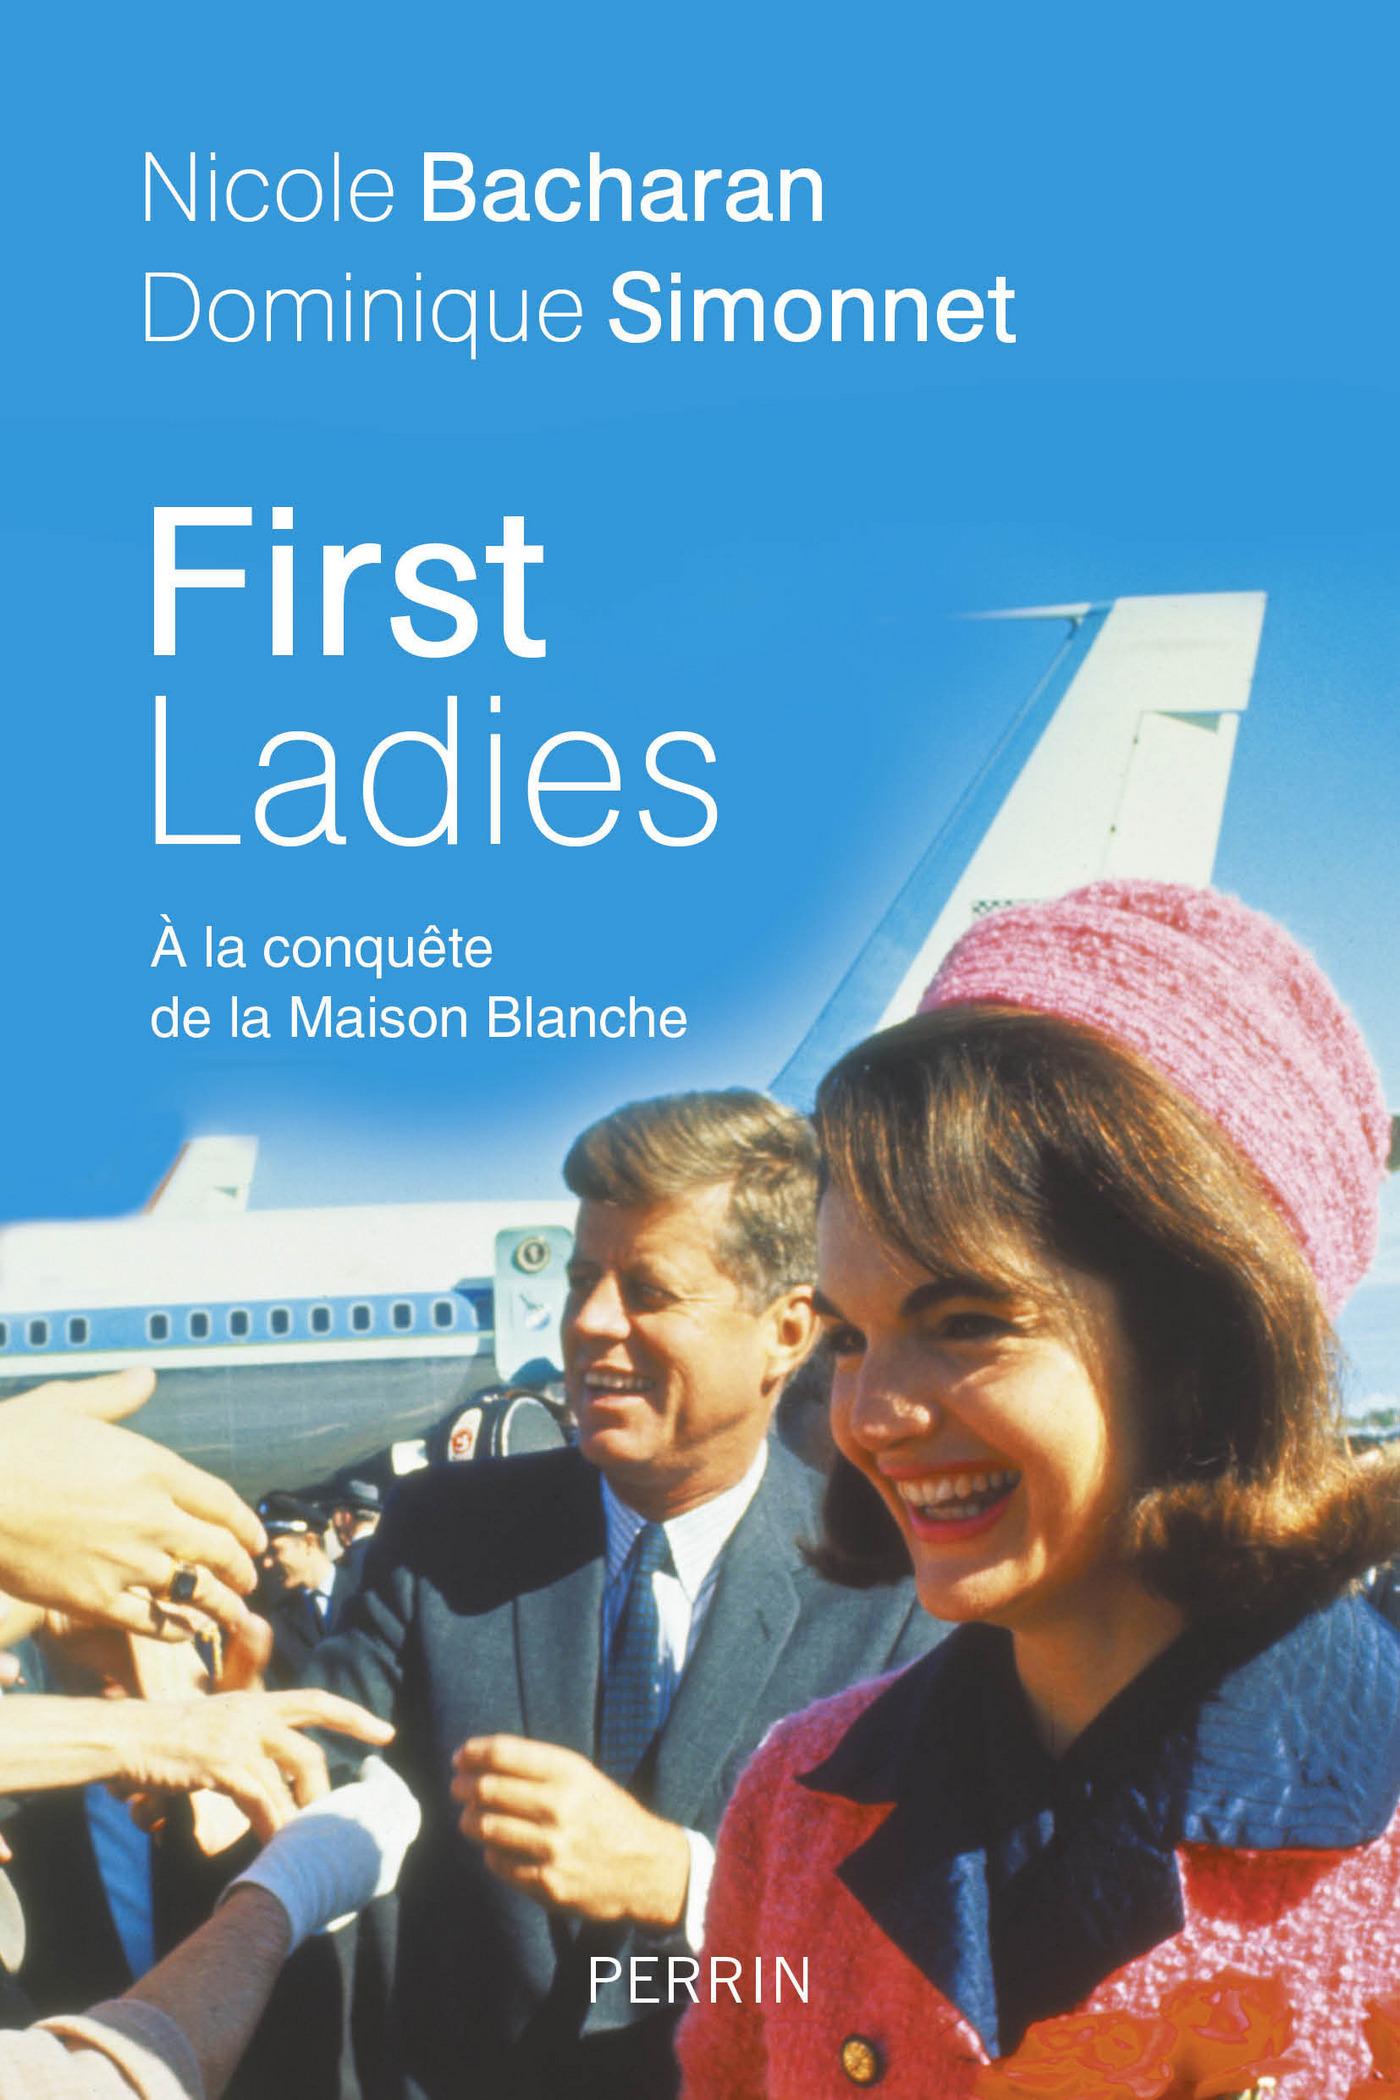 First Ladies. A la conquête de la Maison Blanche